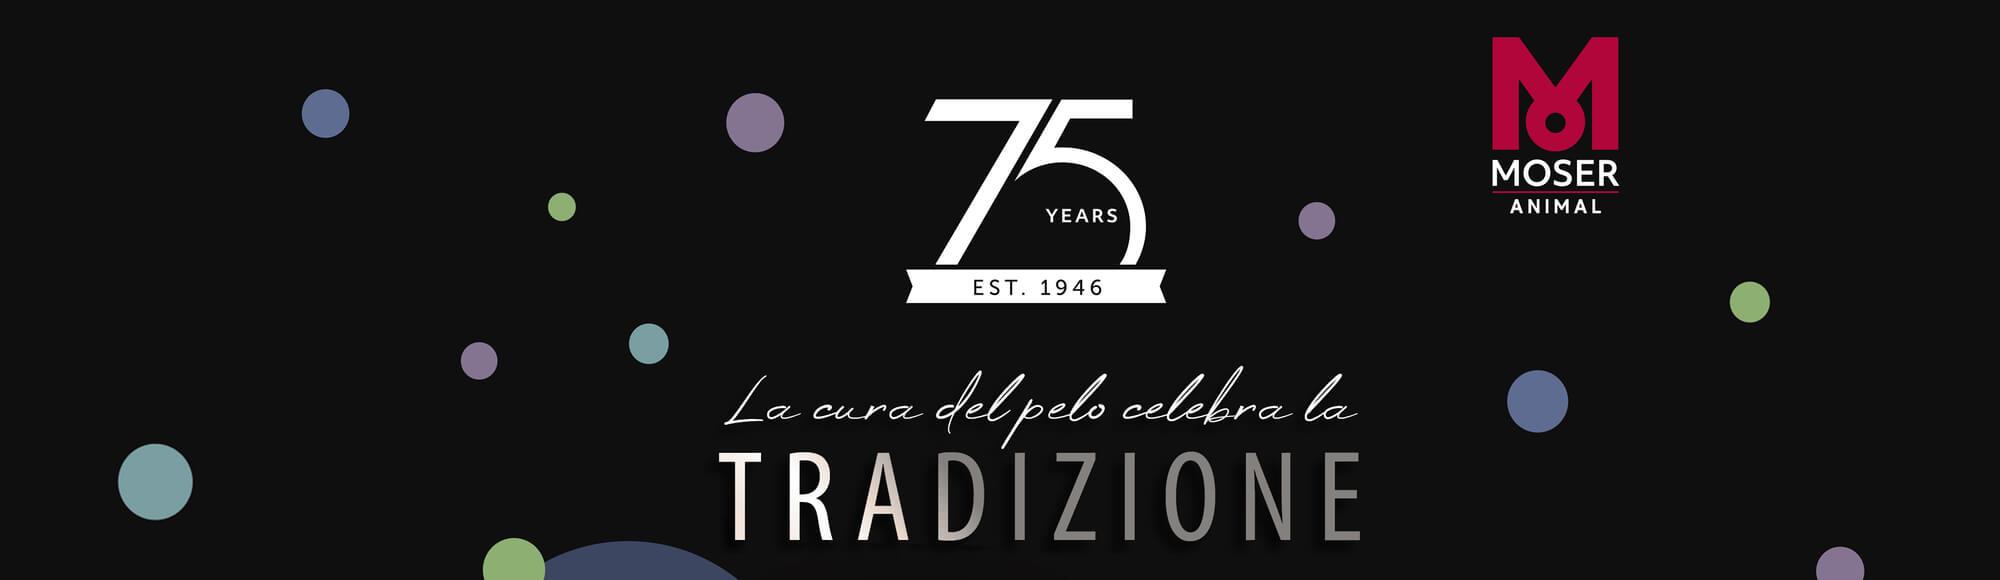 Celebrare la tradizione!